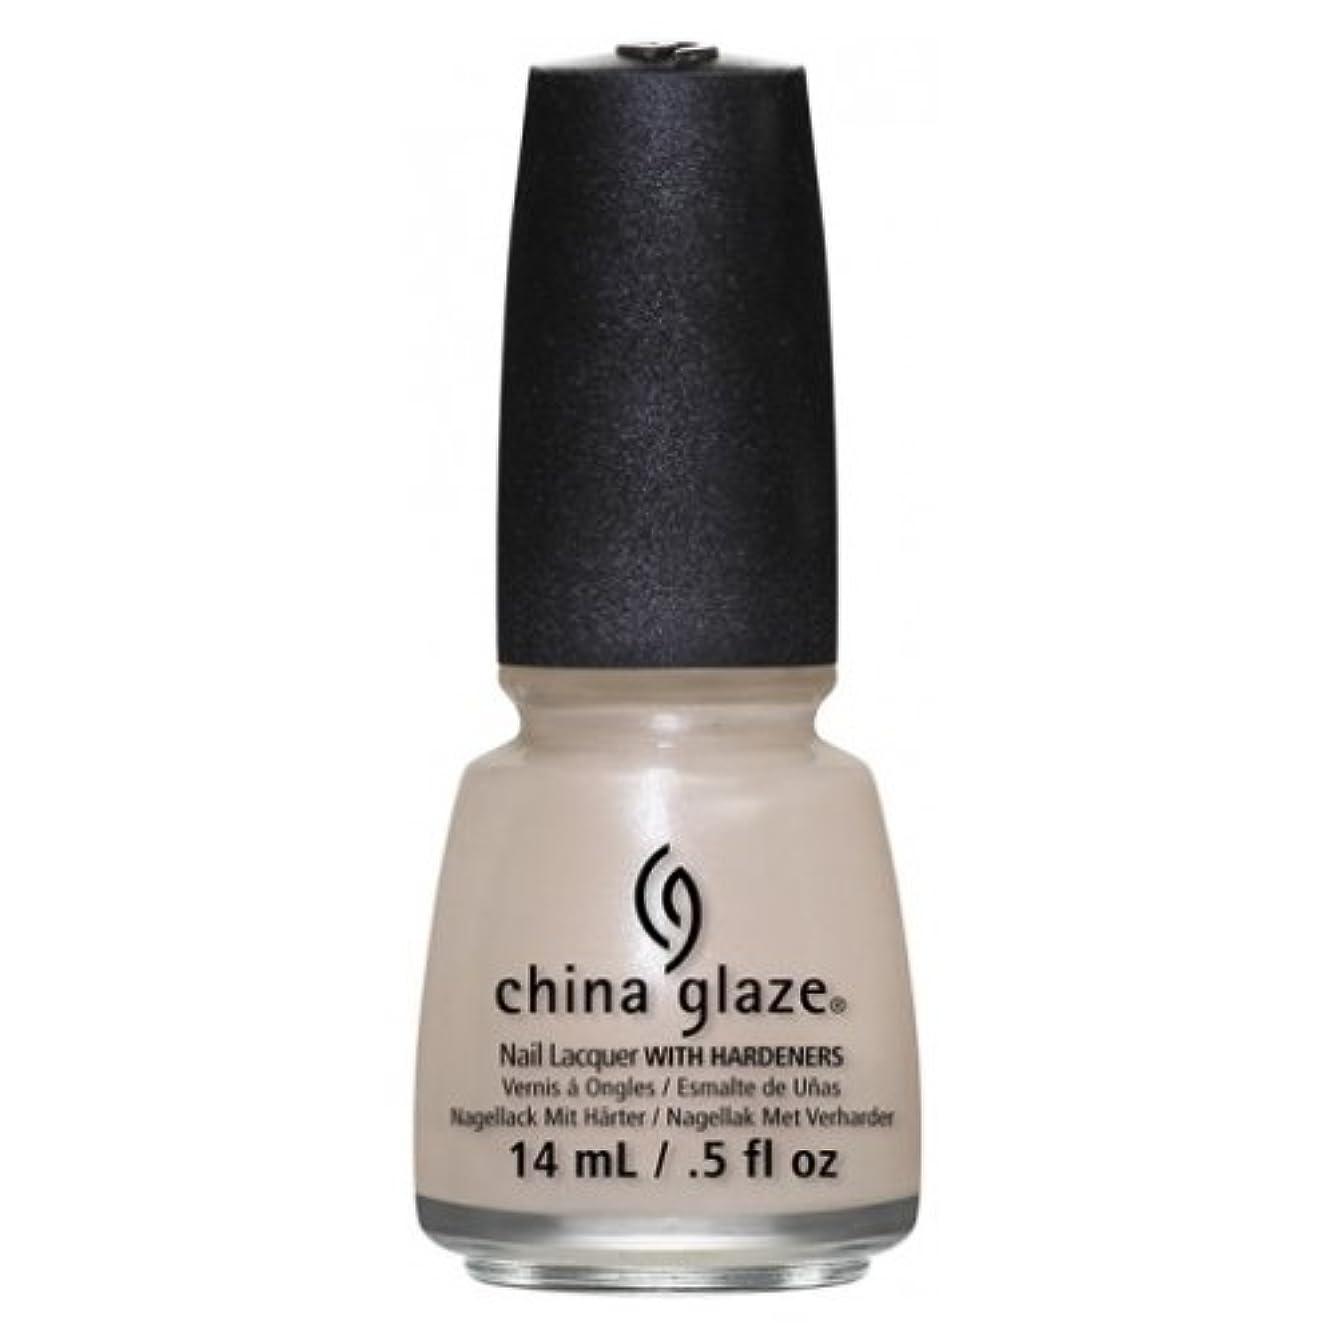 眉をひそめるぺディカブリーズ(3 Pack) CHINA GLAZE Nail Lacquer - Art City Flourish - Don't Honk Your Thorn (並行輸入品)